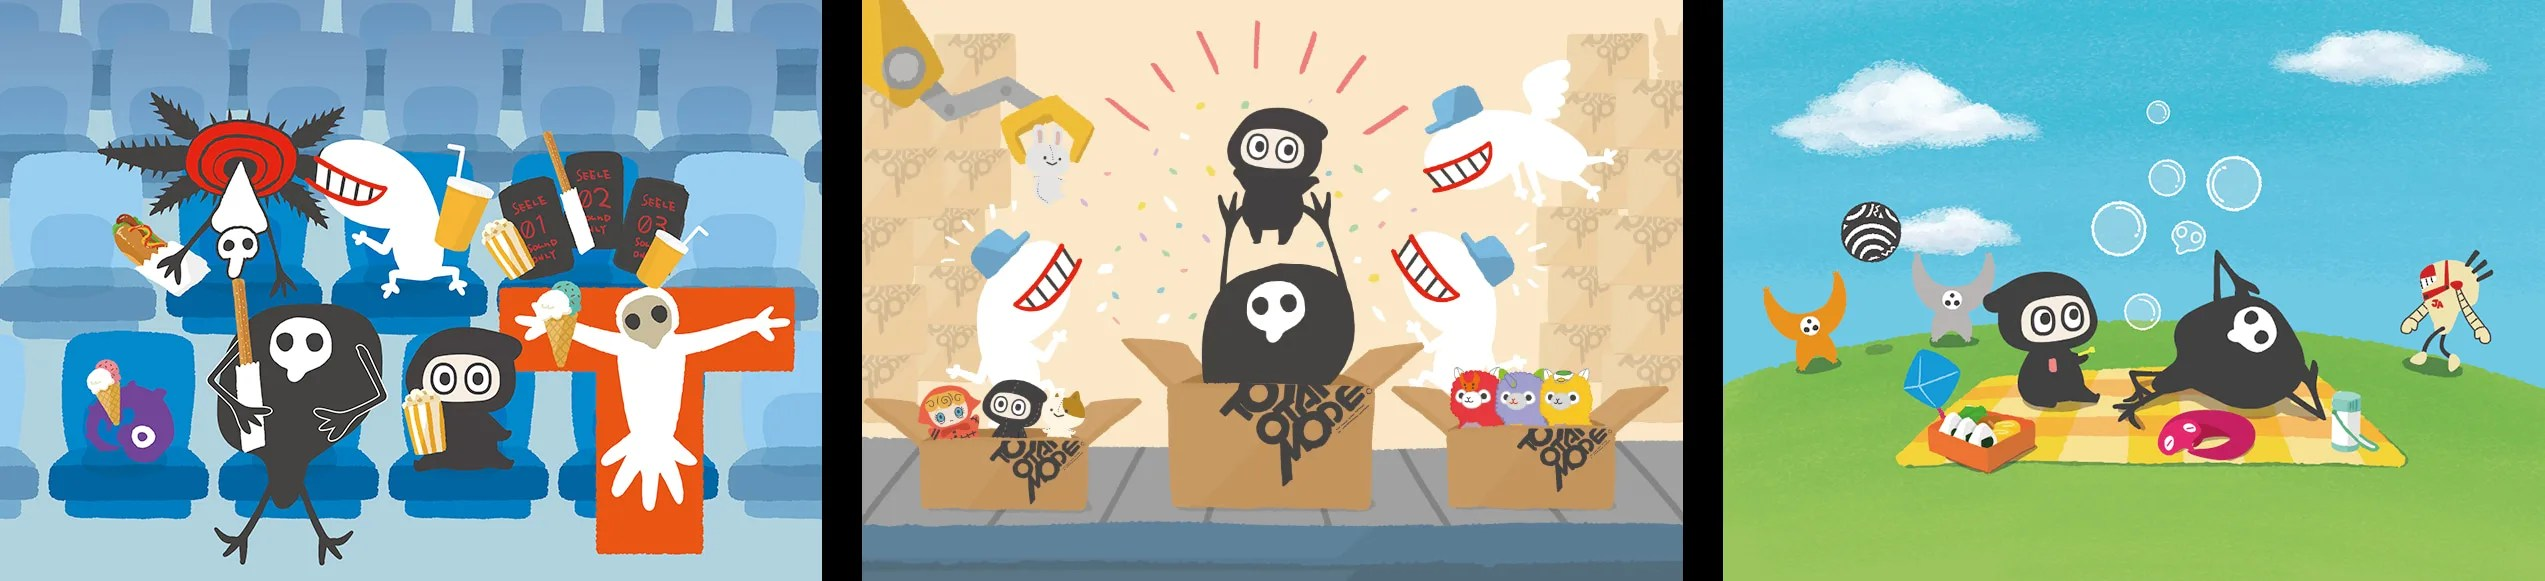 「ゆるしと」とTOMマスコット「Ninja-kun」コラボ